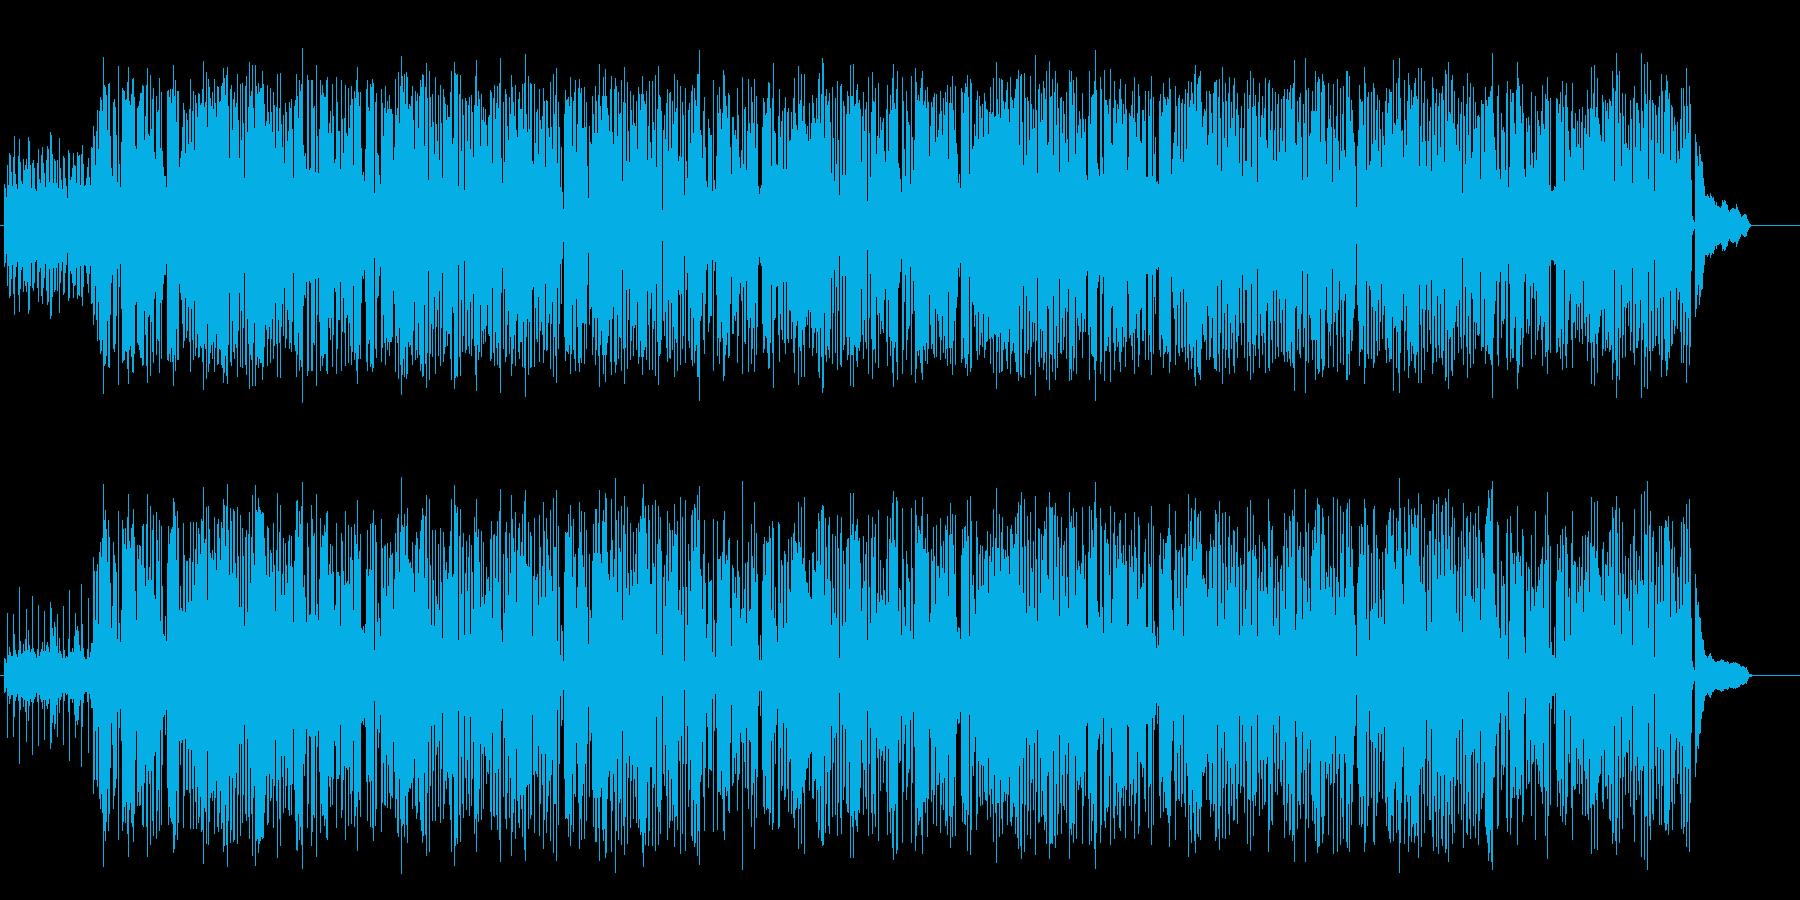 落ち着いたジャズ/ハウスの再生済みの波形